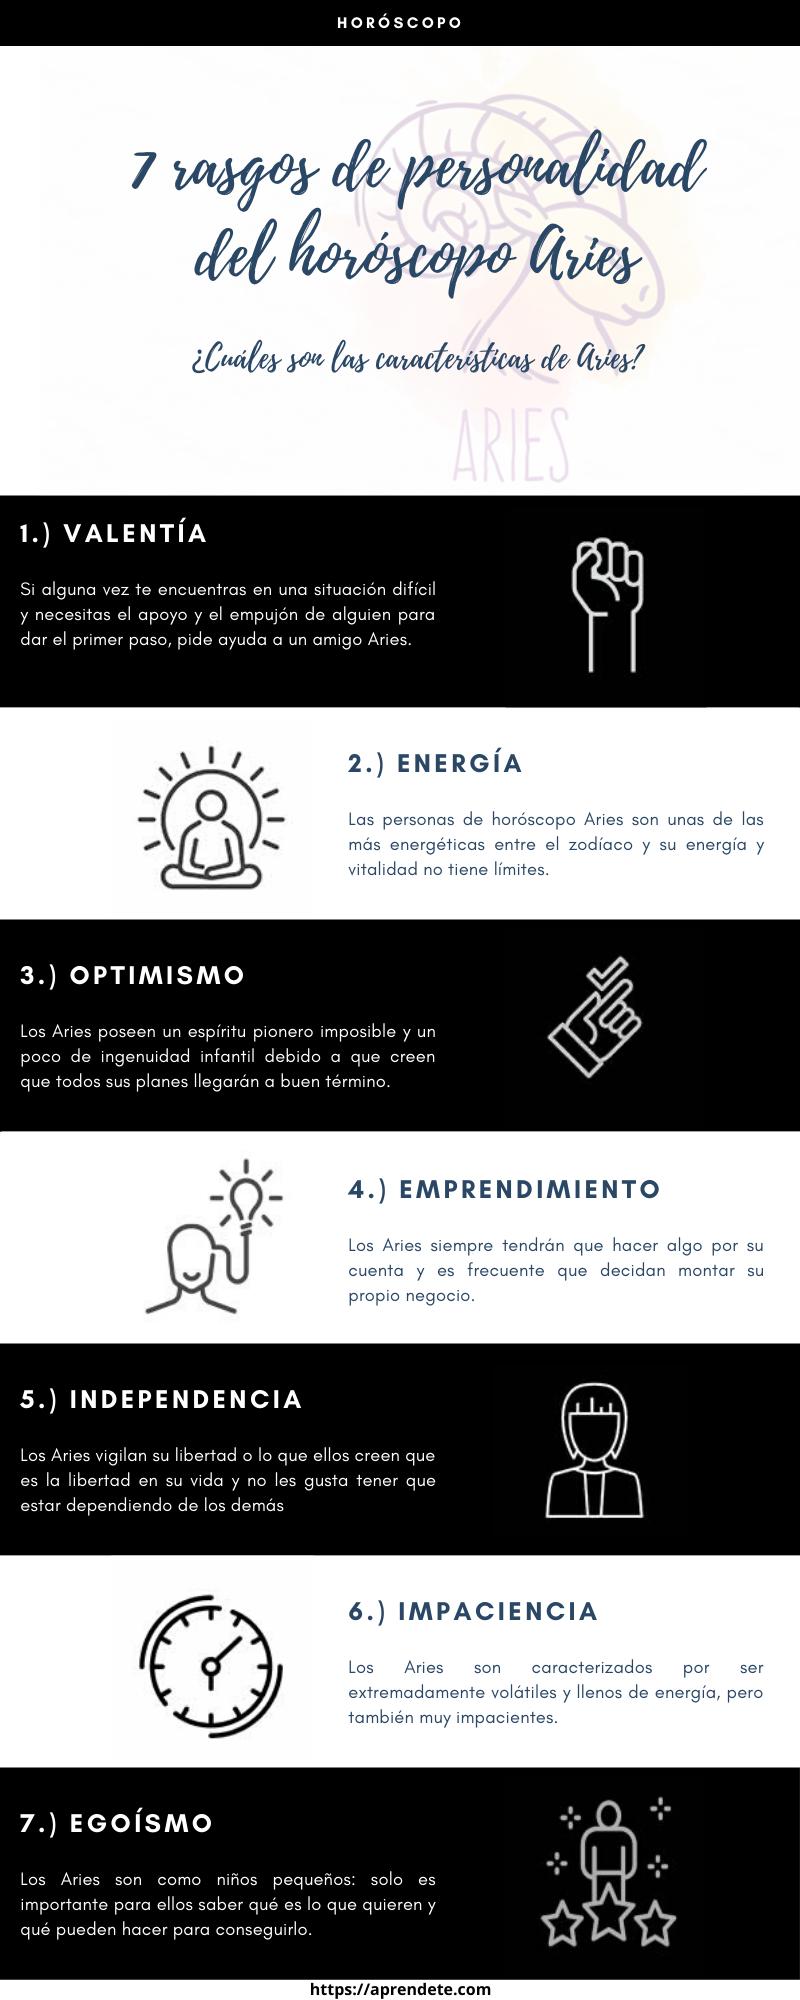 Infografia Rasgos De Personalidad Del Horoscopo Aries En 2020 Personalidad De Aries Horoscopo Virgo Personalidad De Piscis